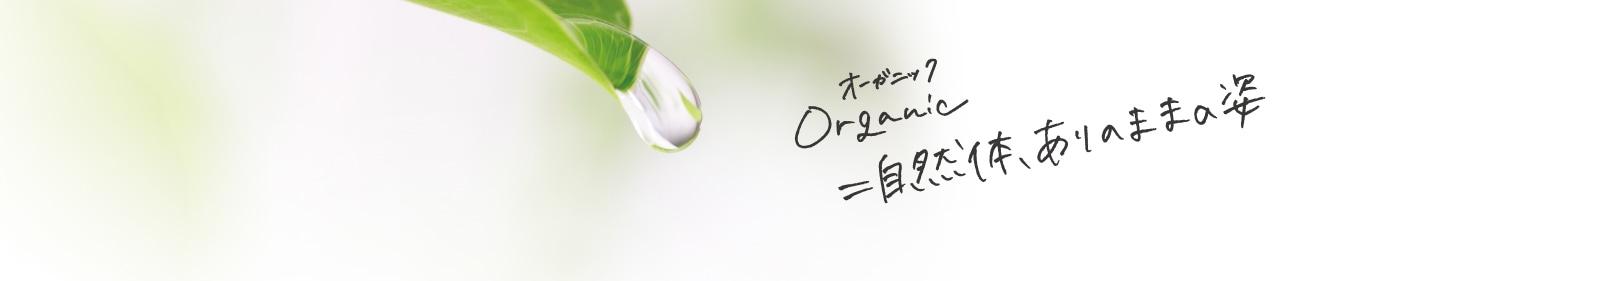 オーガニック = 自然体、ありのままの姿